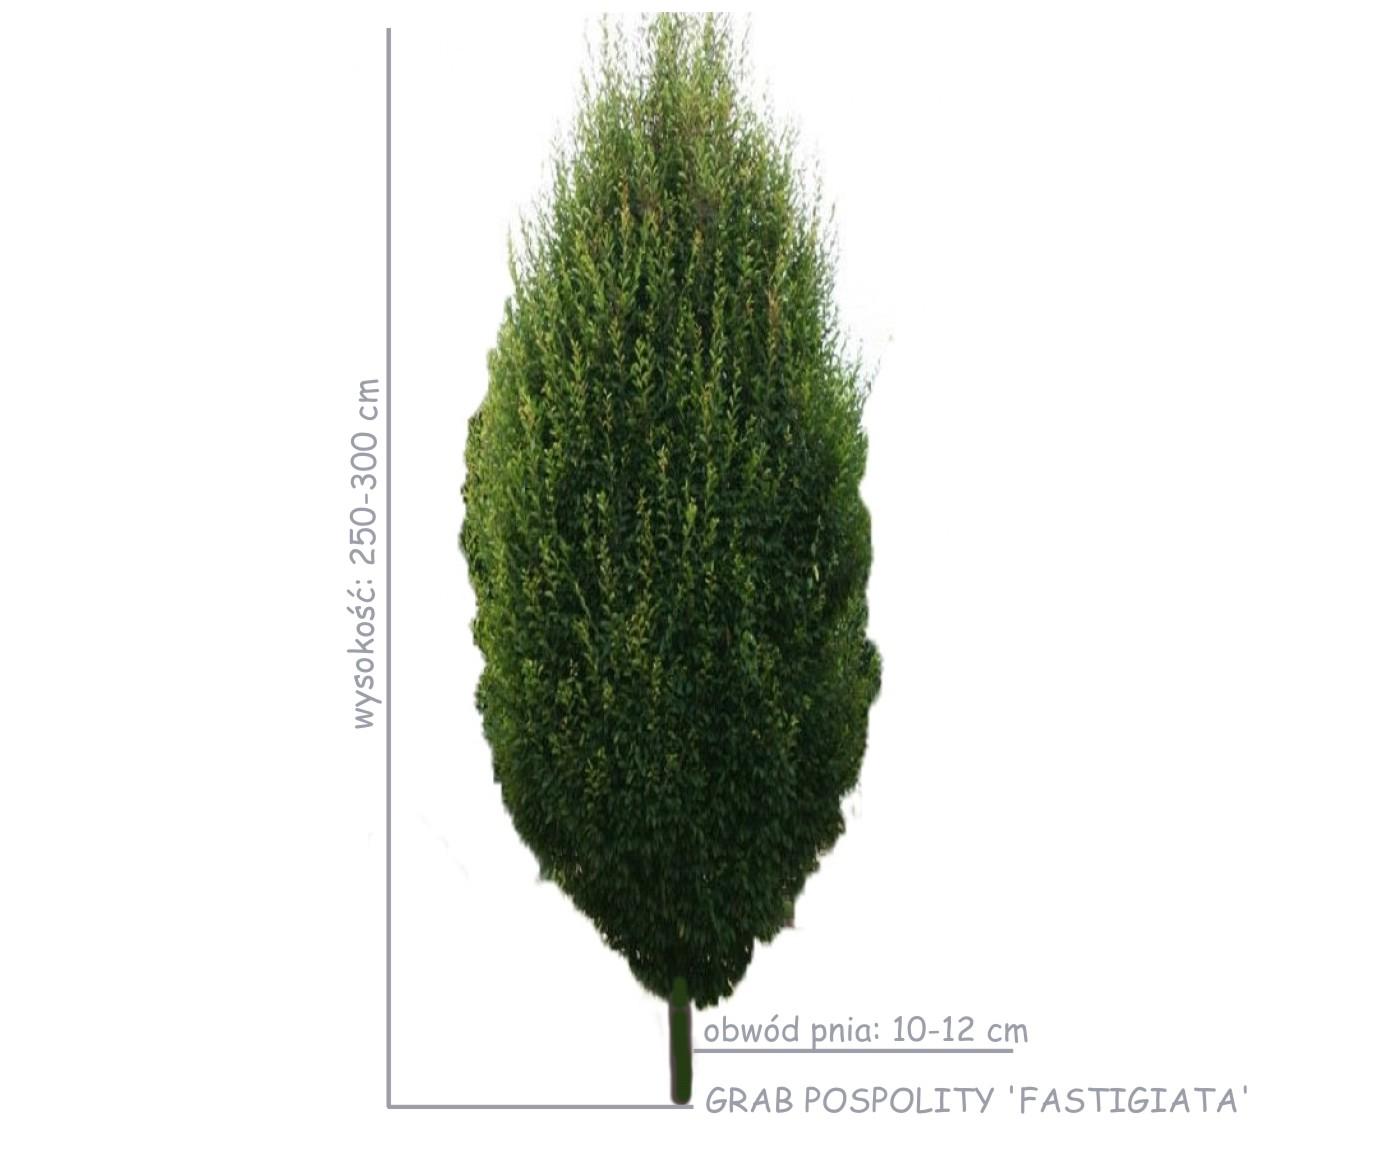 Grab pospolity 'Fastigiata' o obwodzie 10-12 cm, duża sadzonka